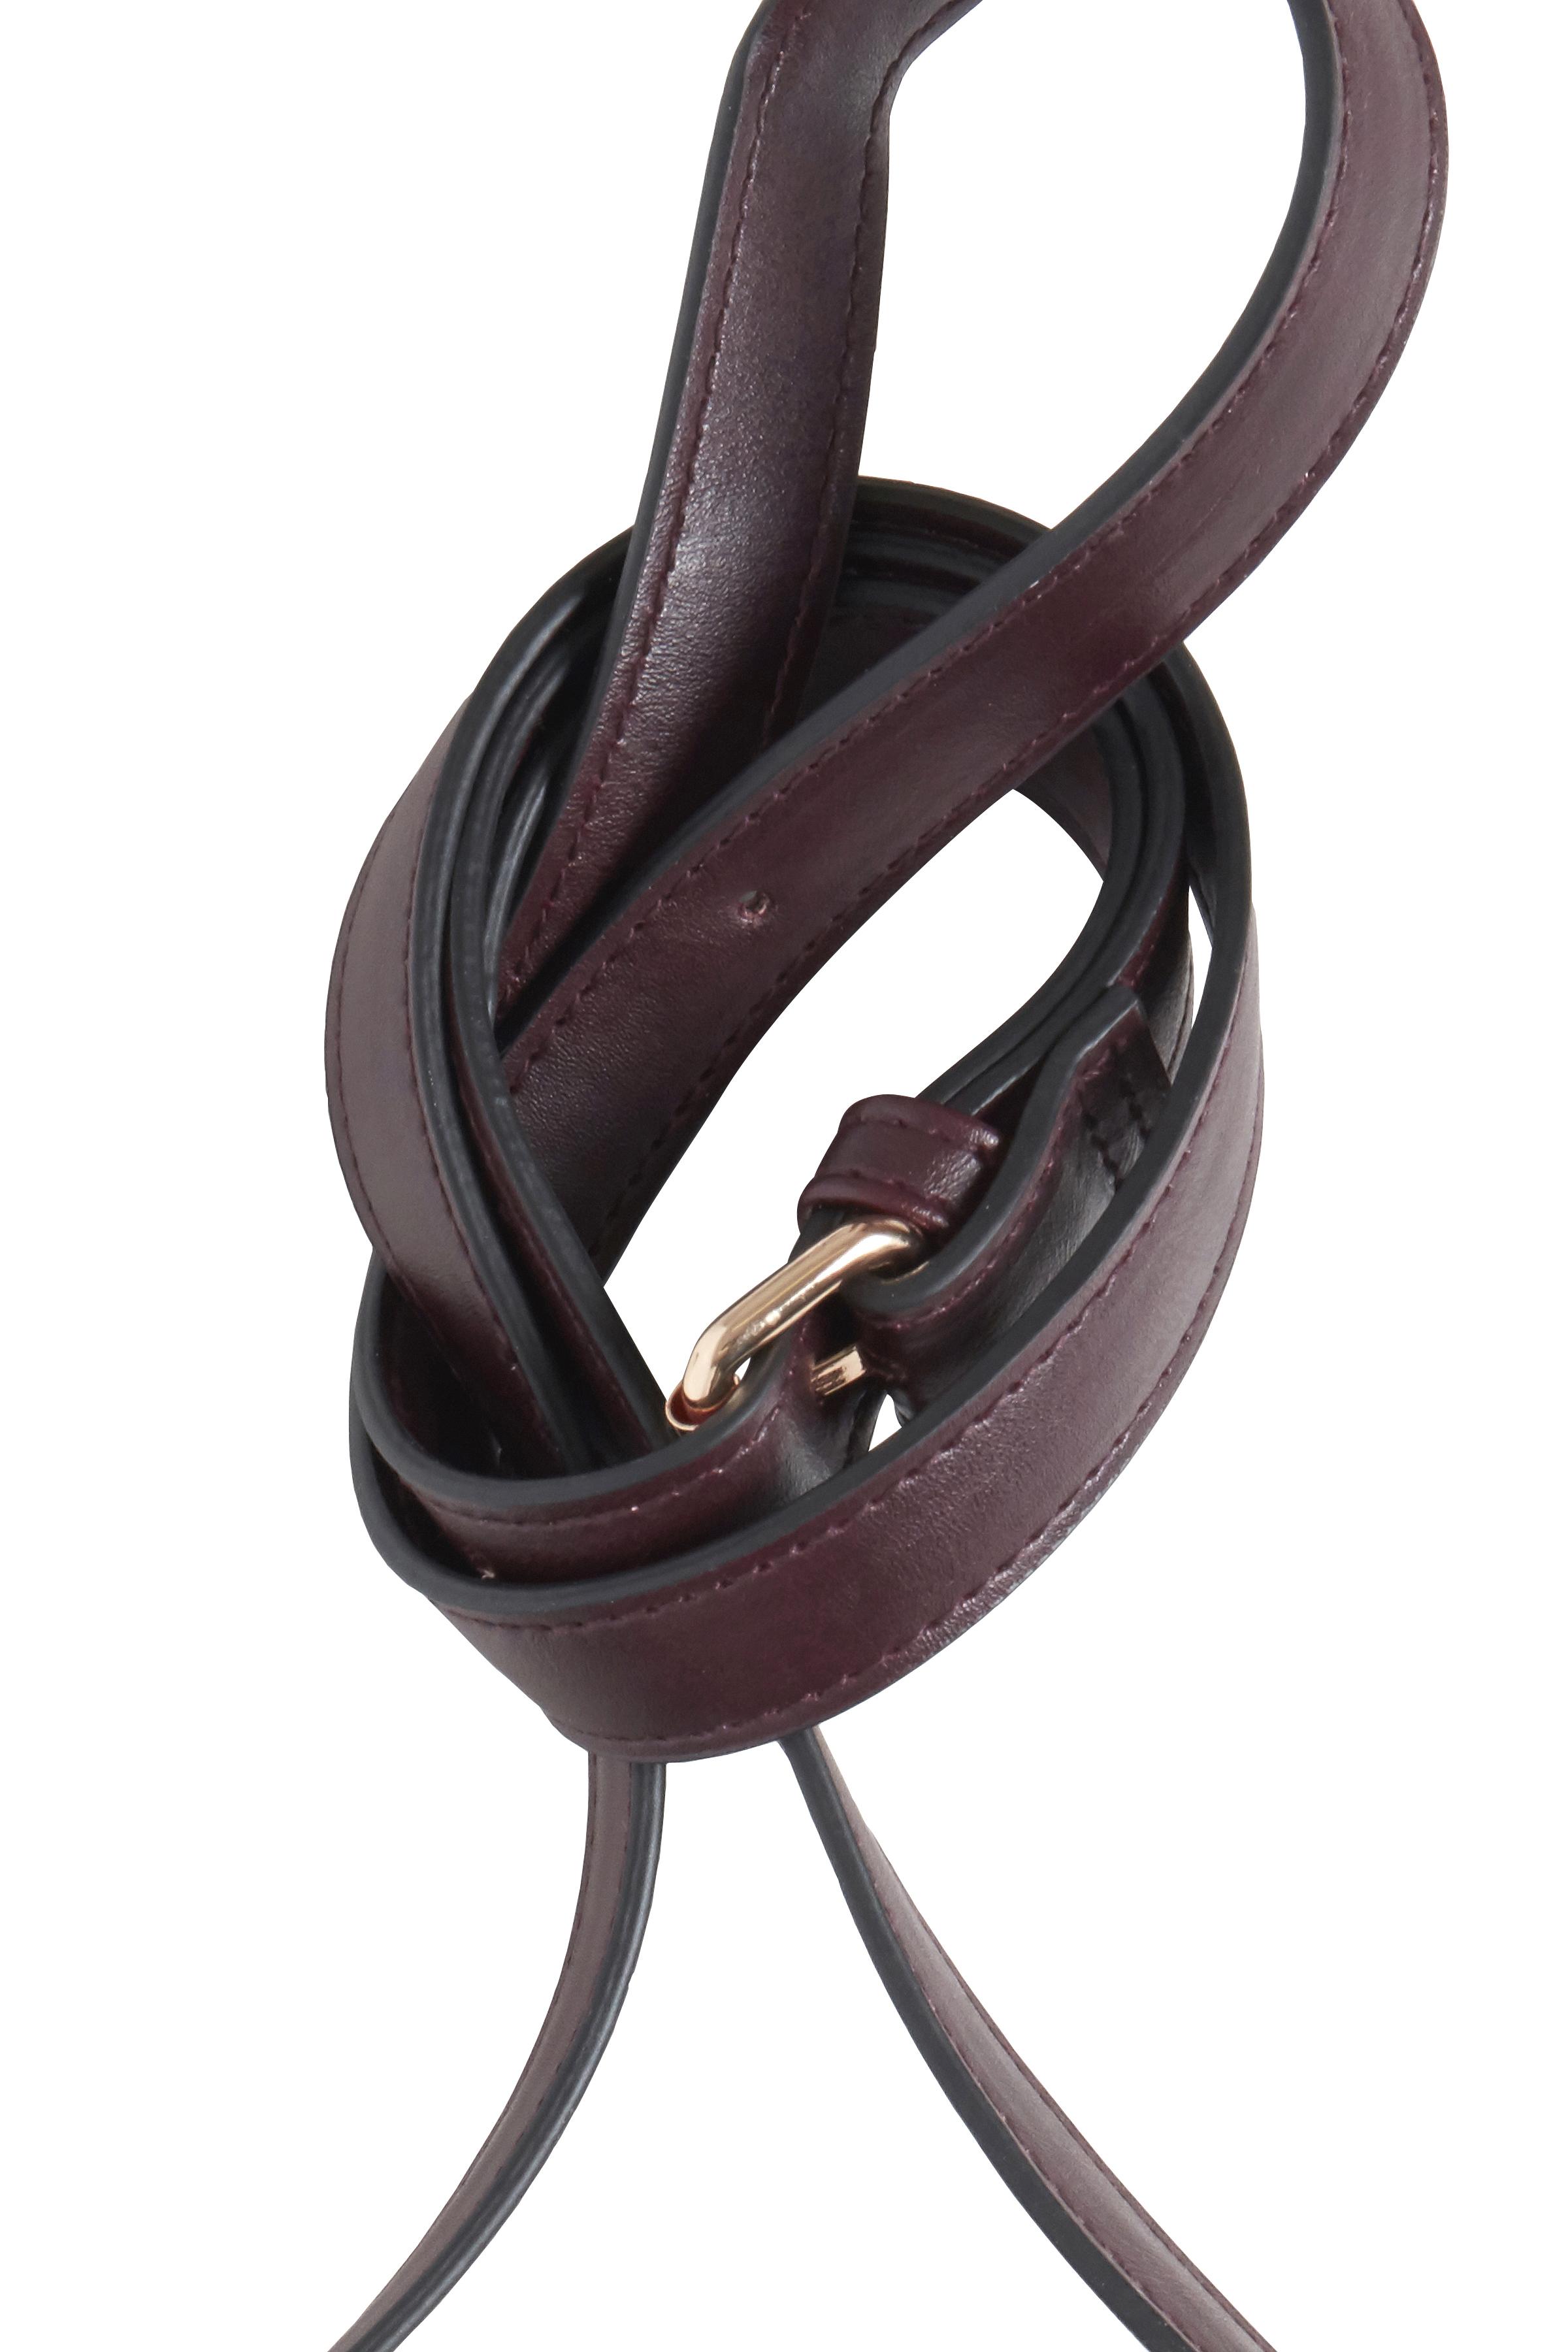 Mørkebrun Taske fra Ichi - accessories – Køb Mørkebrun Taske fra str. ONE her